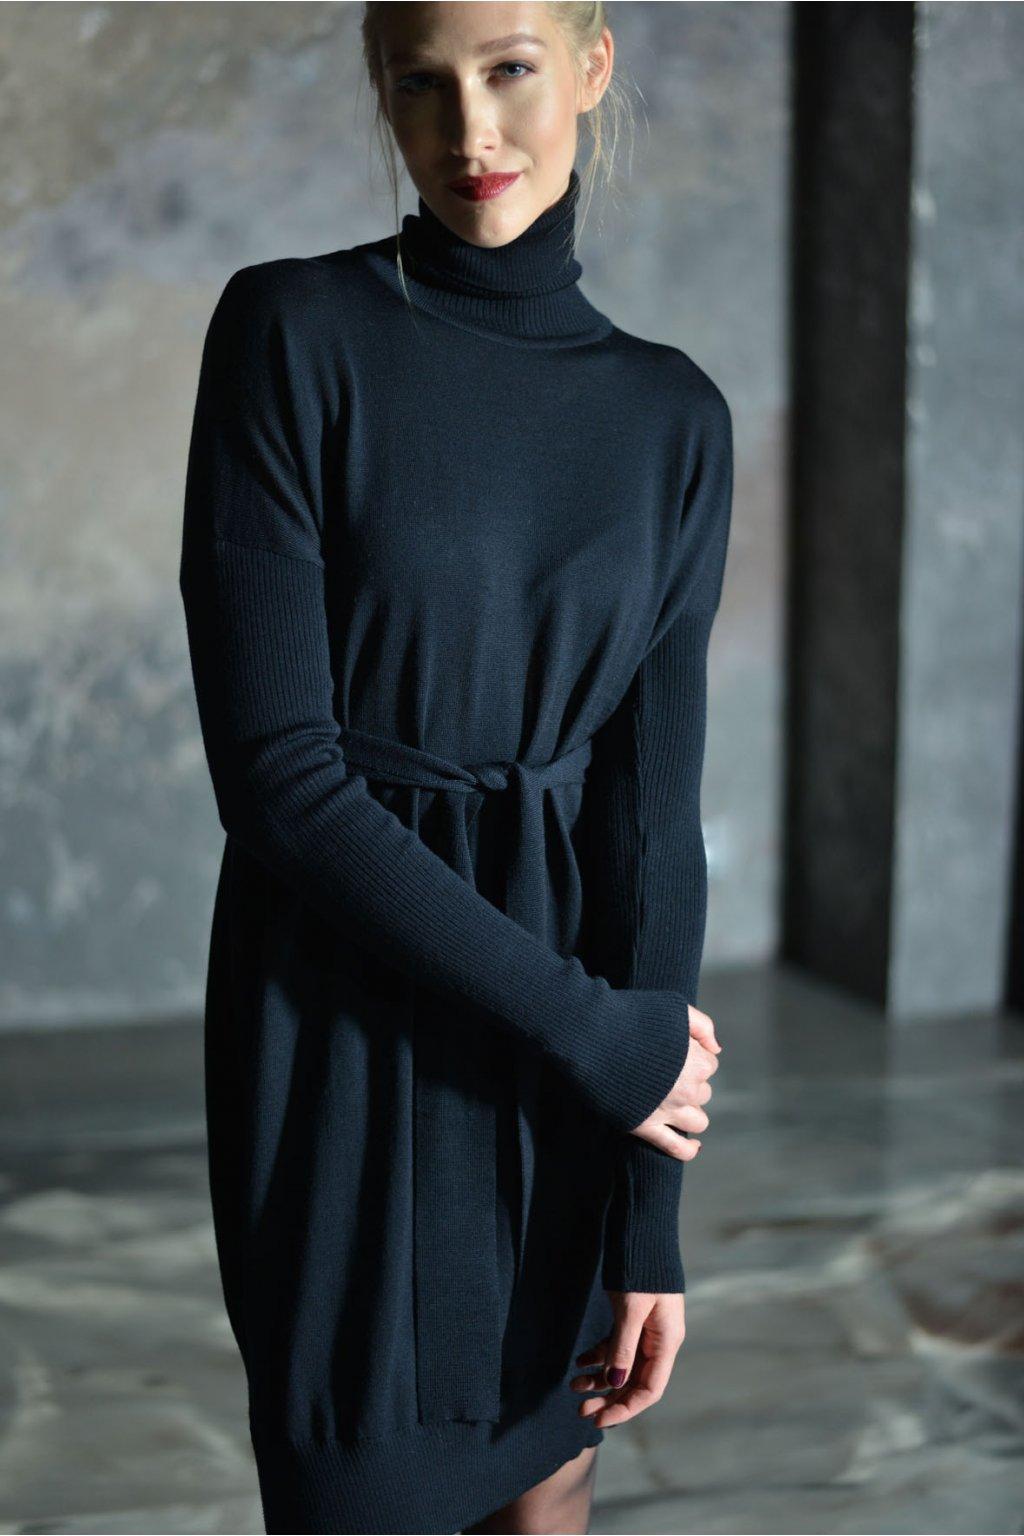 Merino rolákové šaty MIK s dlouhým rukávem černé 2